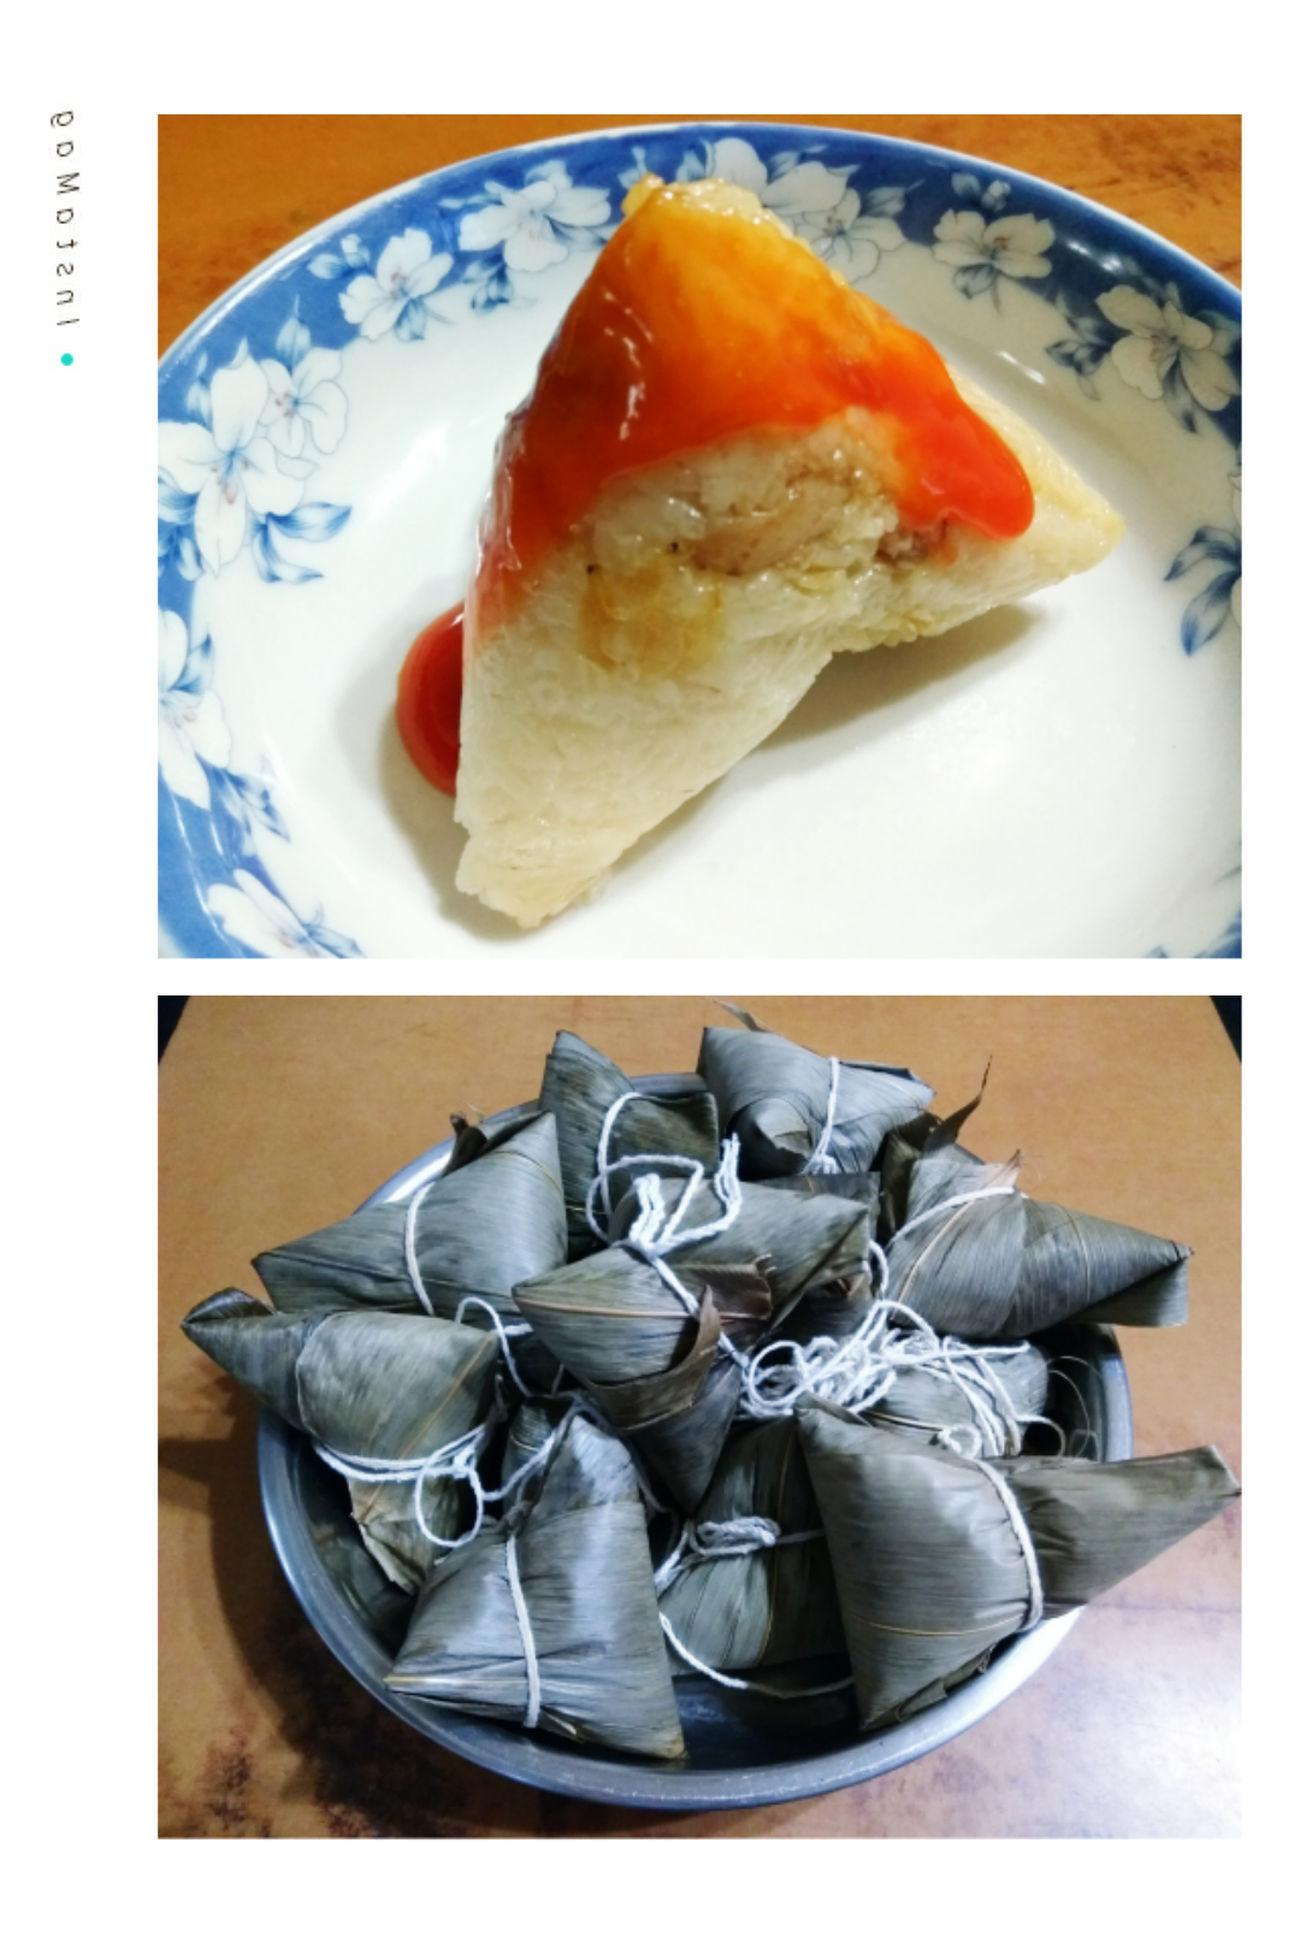 是家母手工製作的唷!肉粽節快樂~~ 端午節 肉粽節 粽子節 中華ちまき ローツォン バーツァン ちまき 쫑즈를 Rice Dumpling Handmade